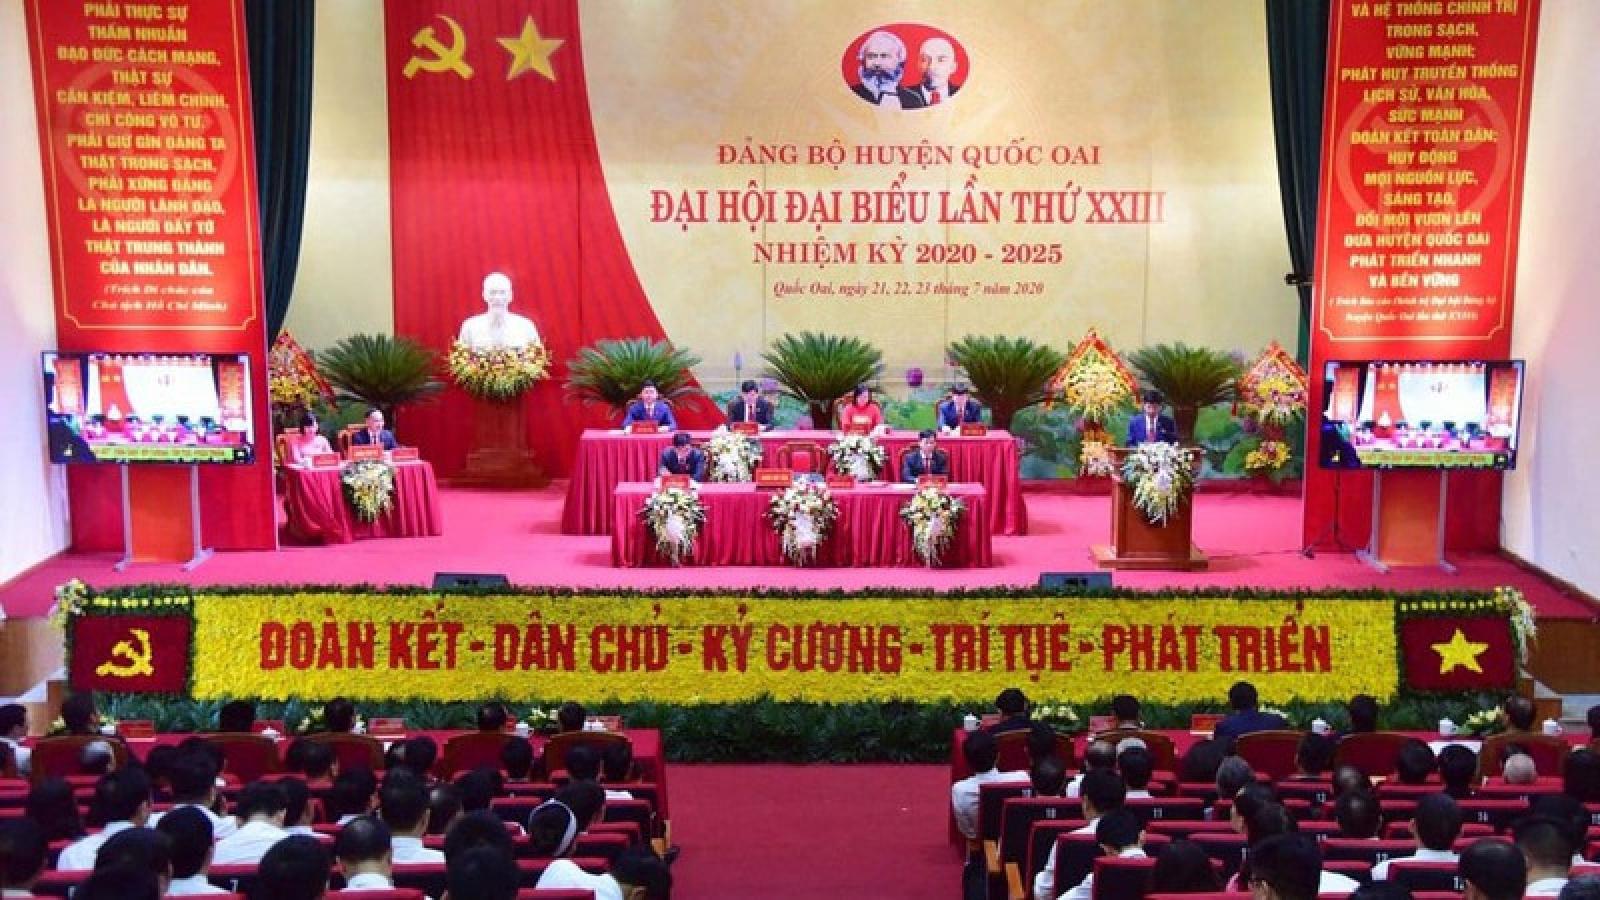 Ông Vương Đình Huệ dự Đại hội đại biểu Đảng bộ huyện Quốc Oai